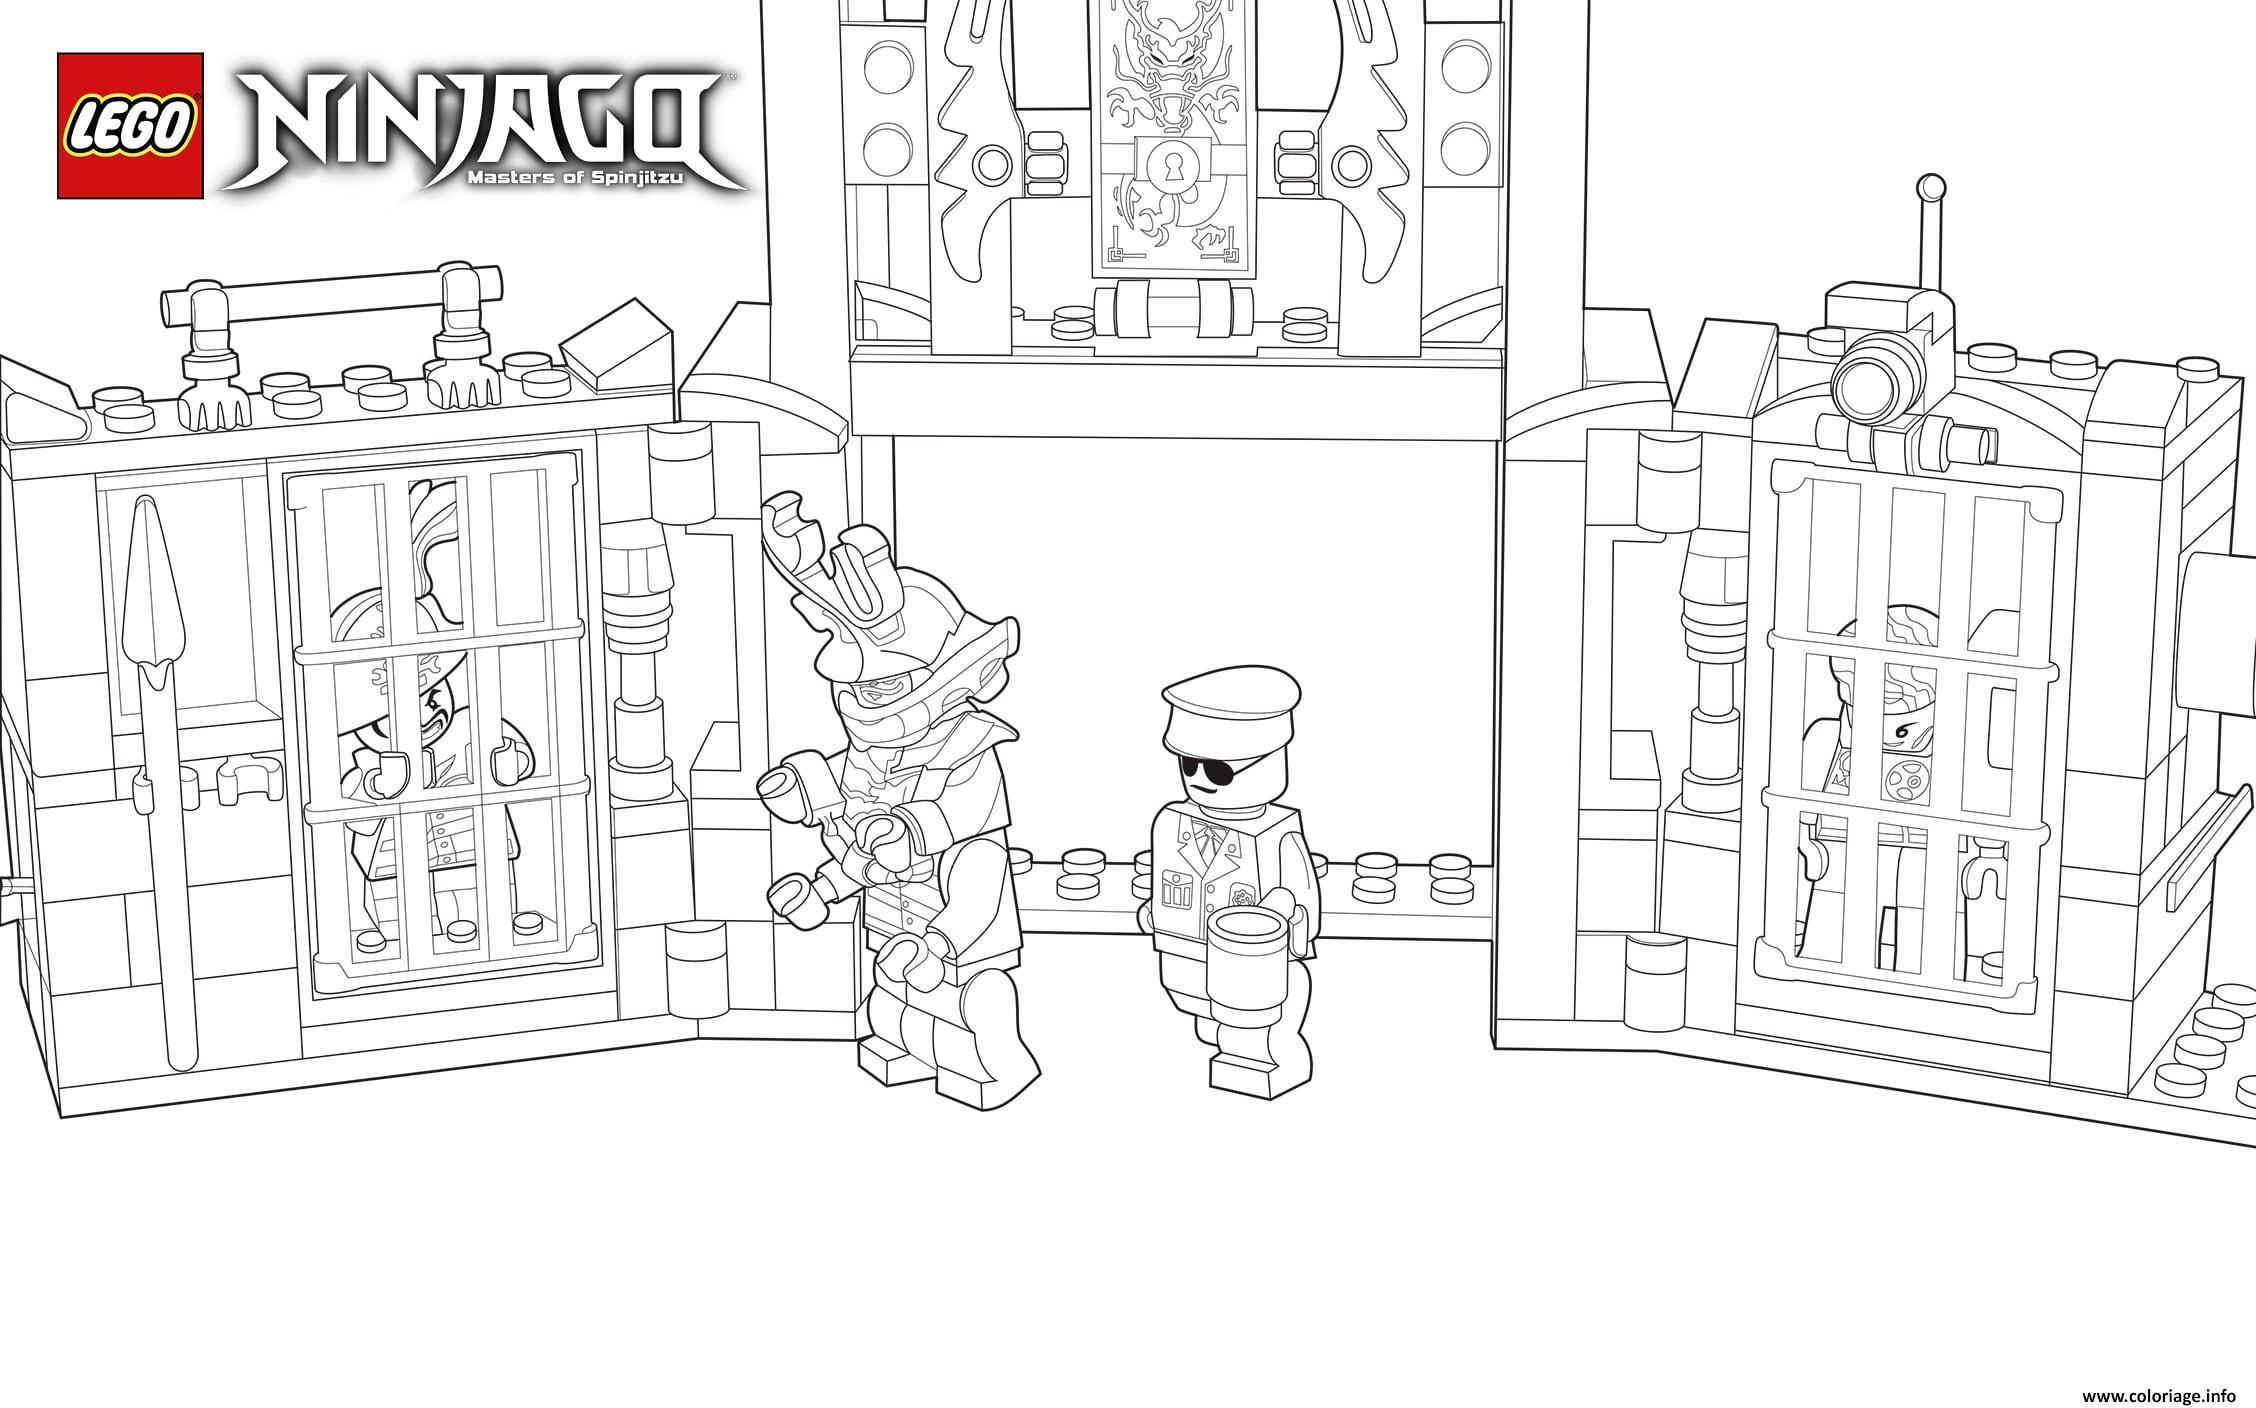 Dessin lego ninjago police et prisoniers Coloriage Gratuit à Imprimer